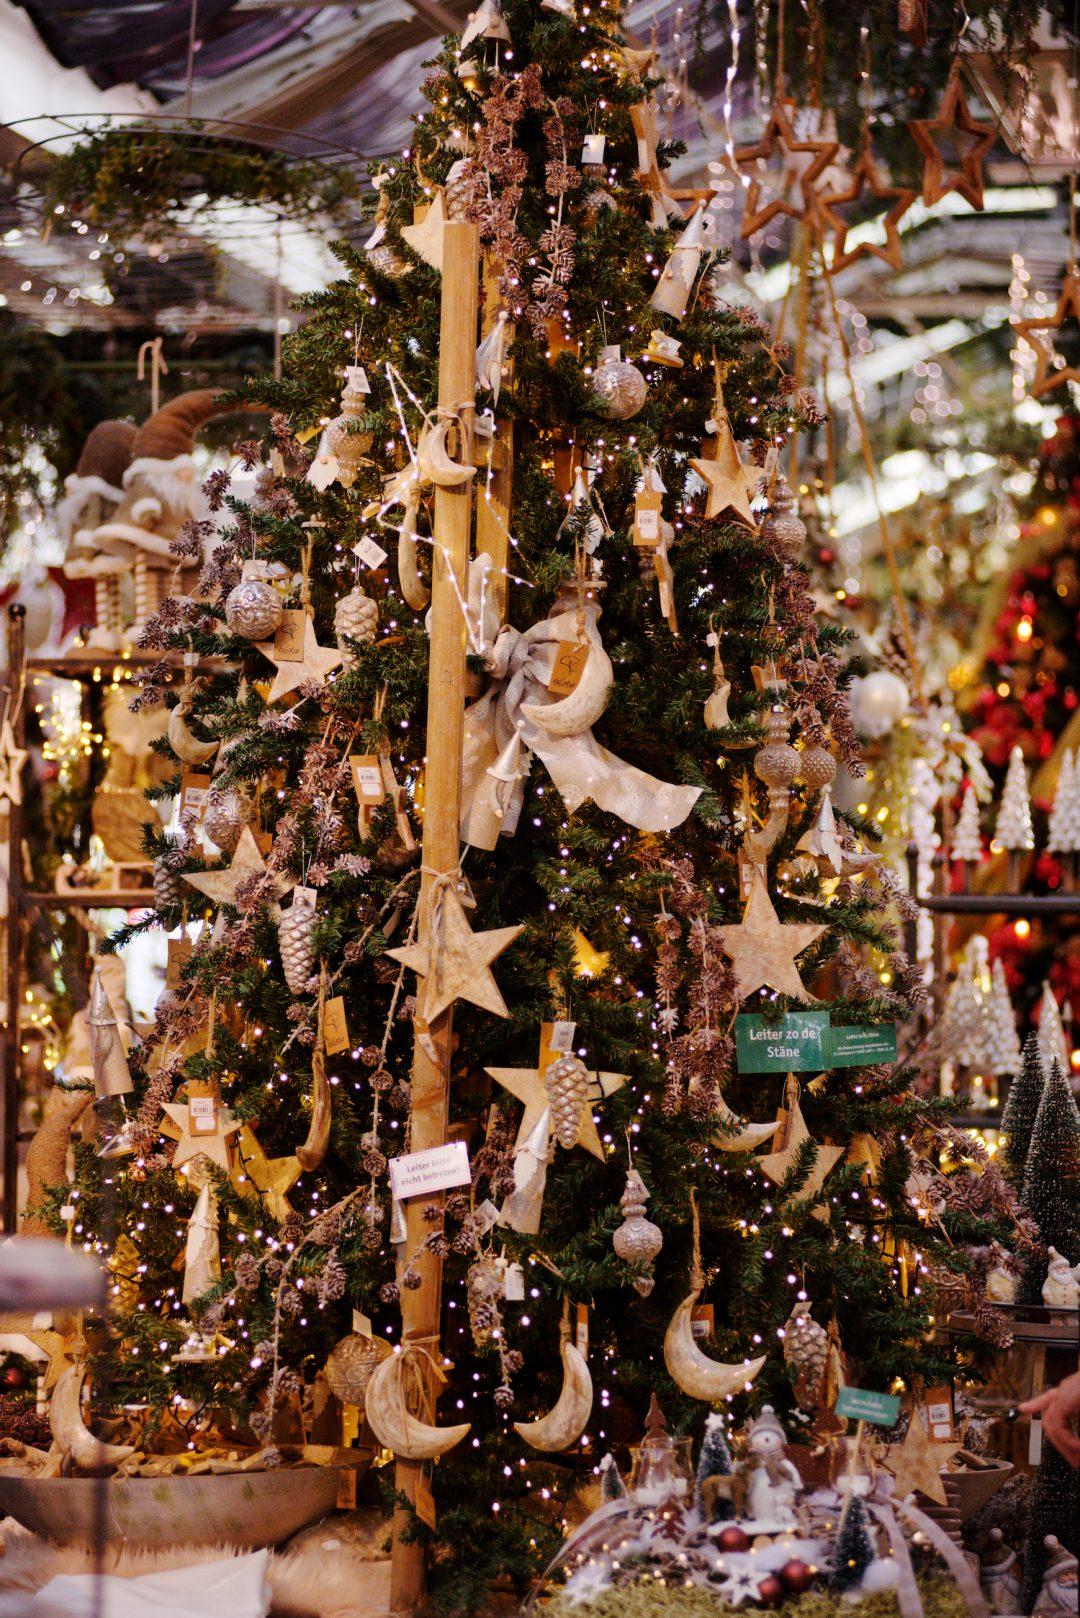 Dekorierter Weihnachtsbaum mit dem Namen Leiter zu den Sternen. Dekoriert mit Holzsternen, Schleifen und einer großen Holzleiter.